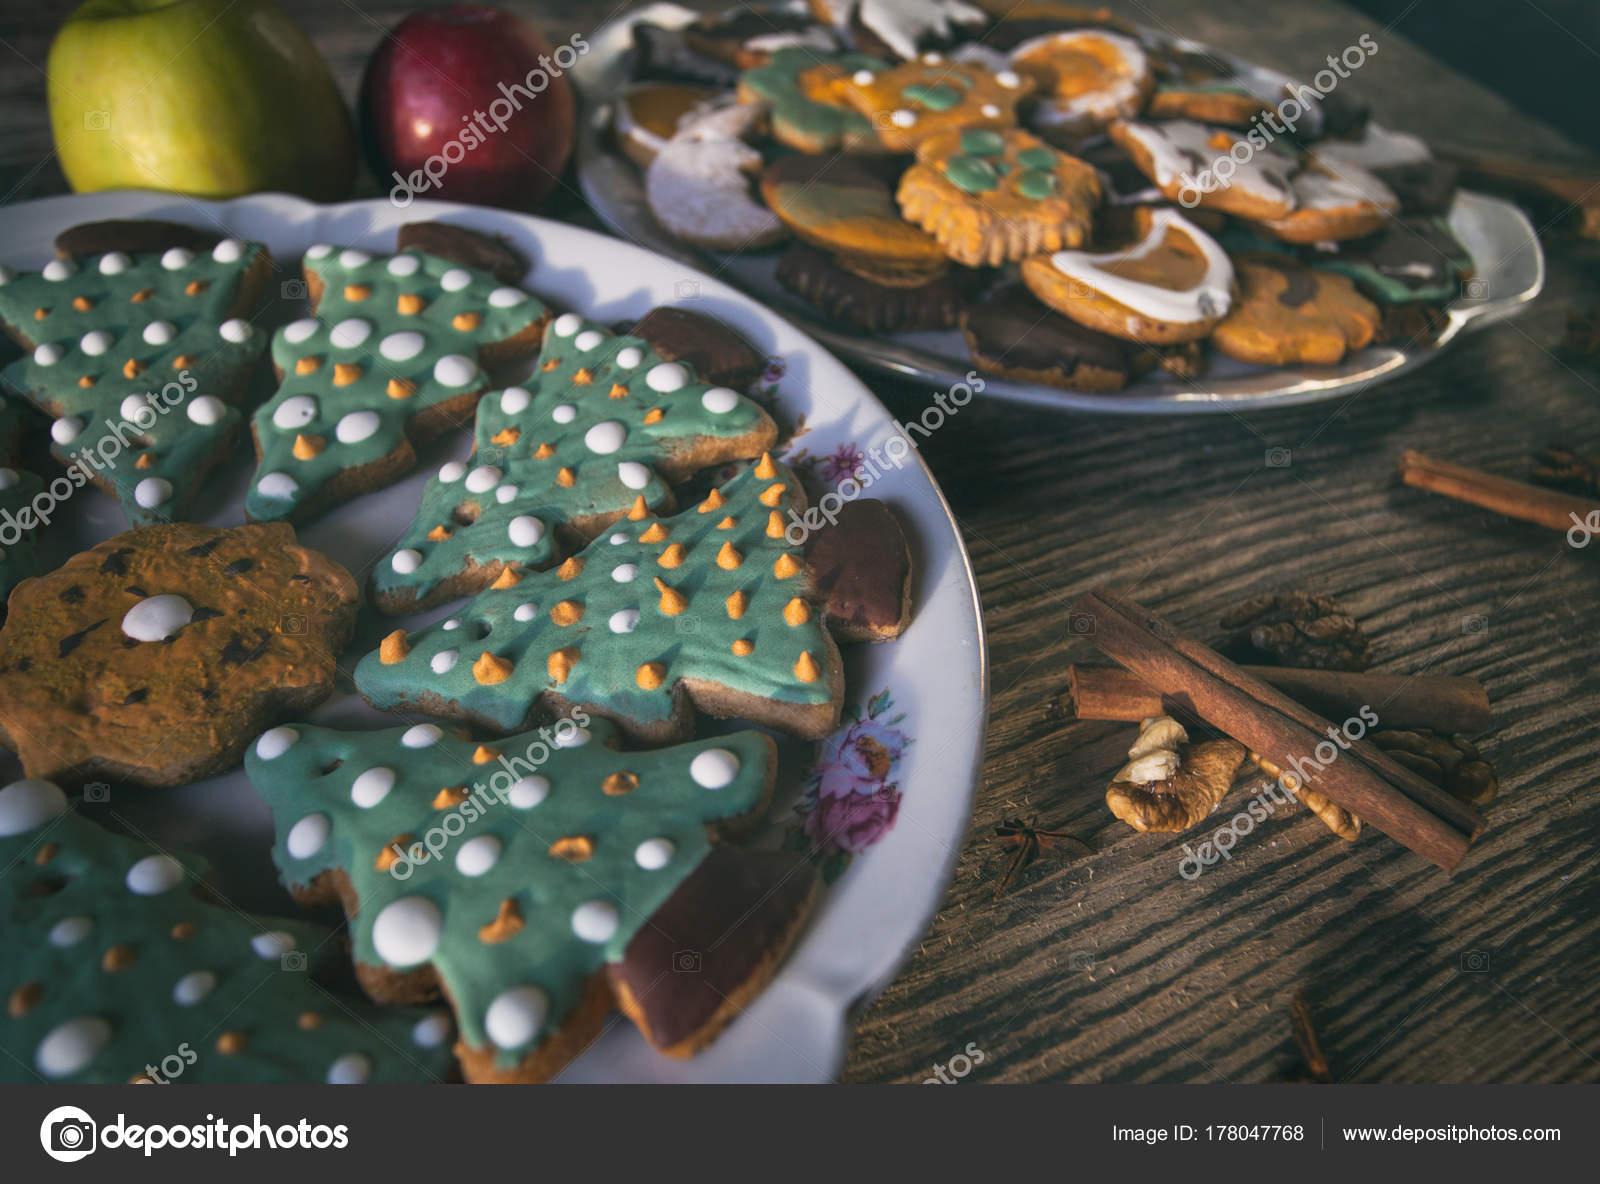 Kinder Weihnachtsgebäck.Weihnachtsgebäck Auf Holztisch Kinder Gekocht Weihnachtsplätzchen